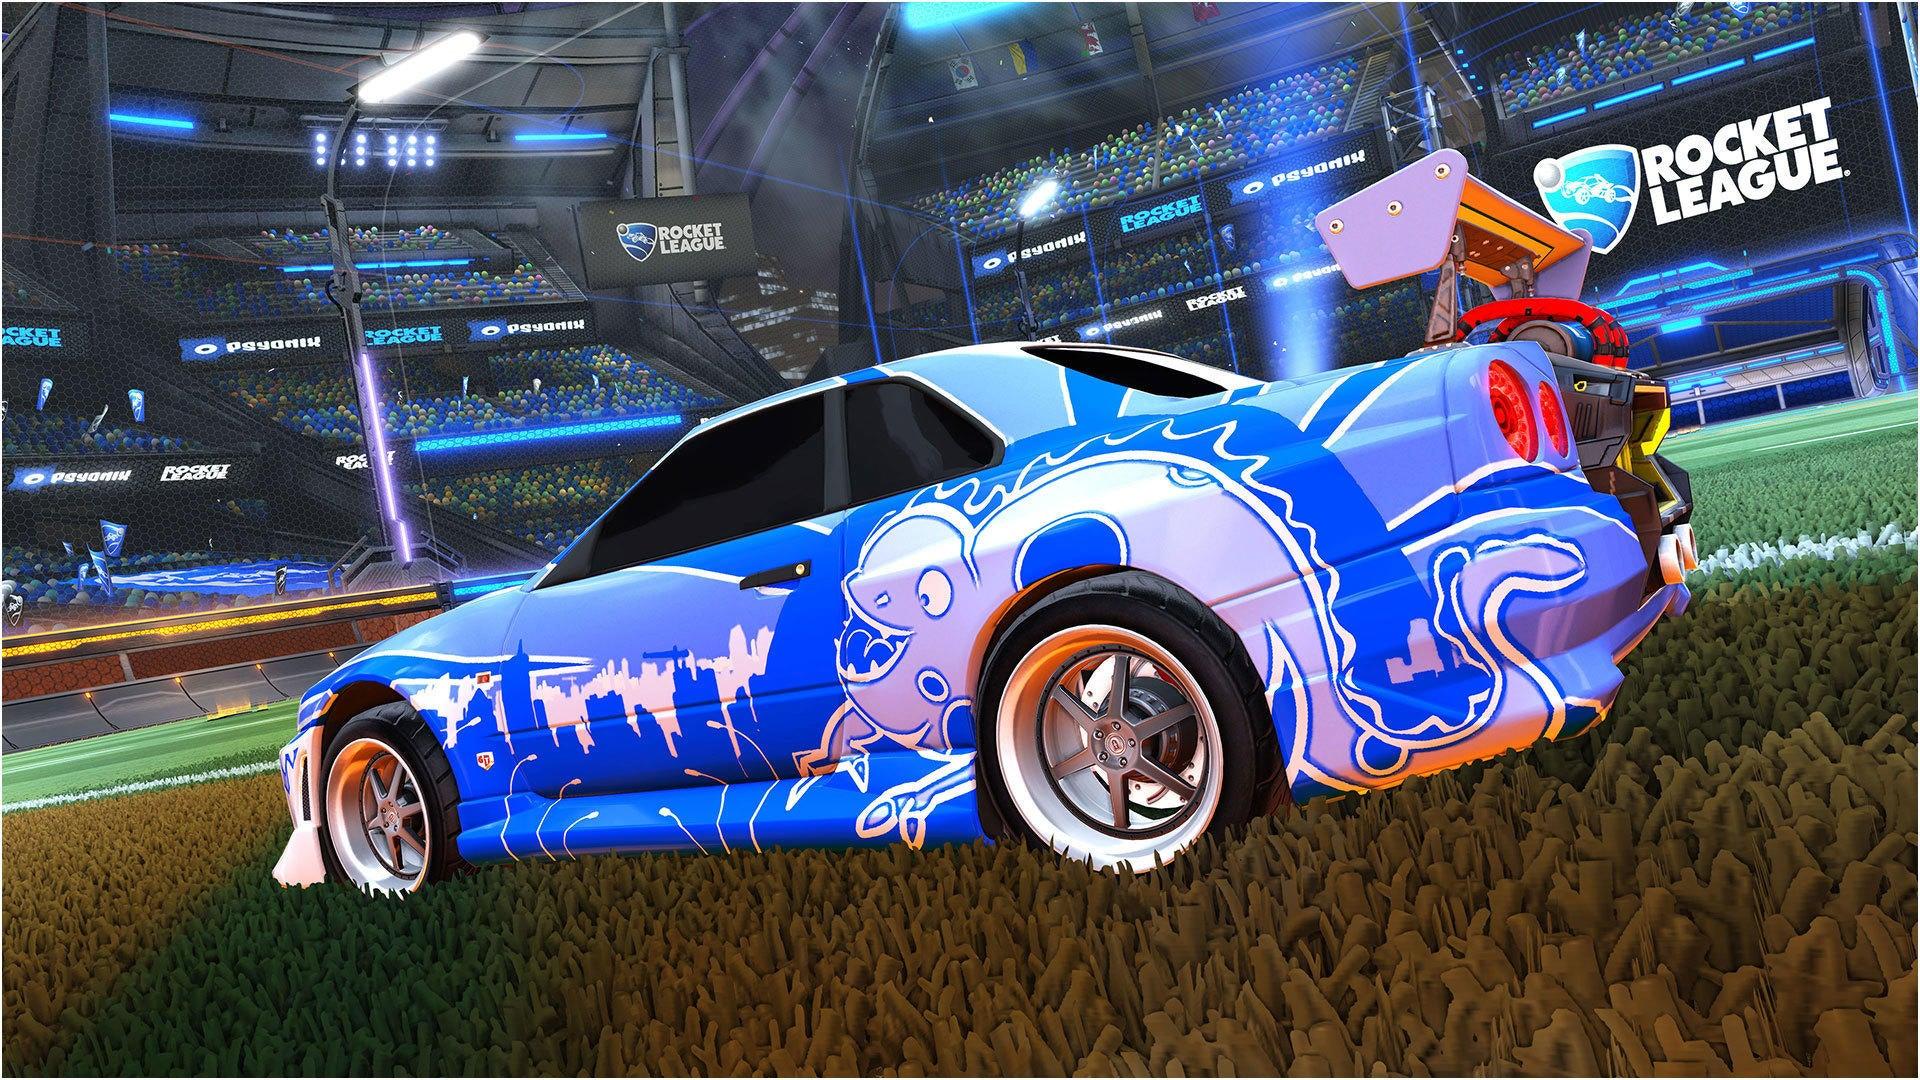 Fast Furious Rocket League Official Site